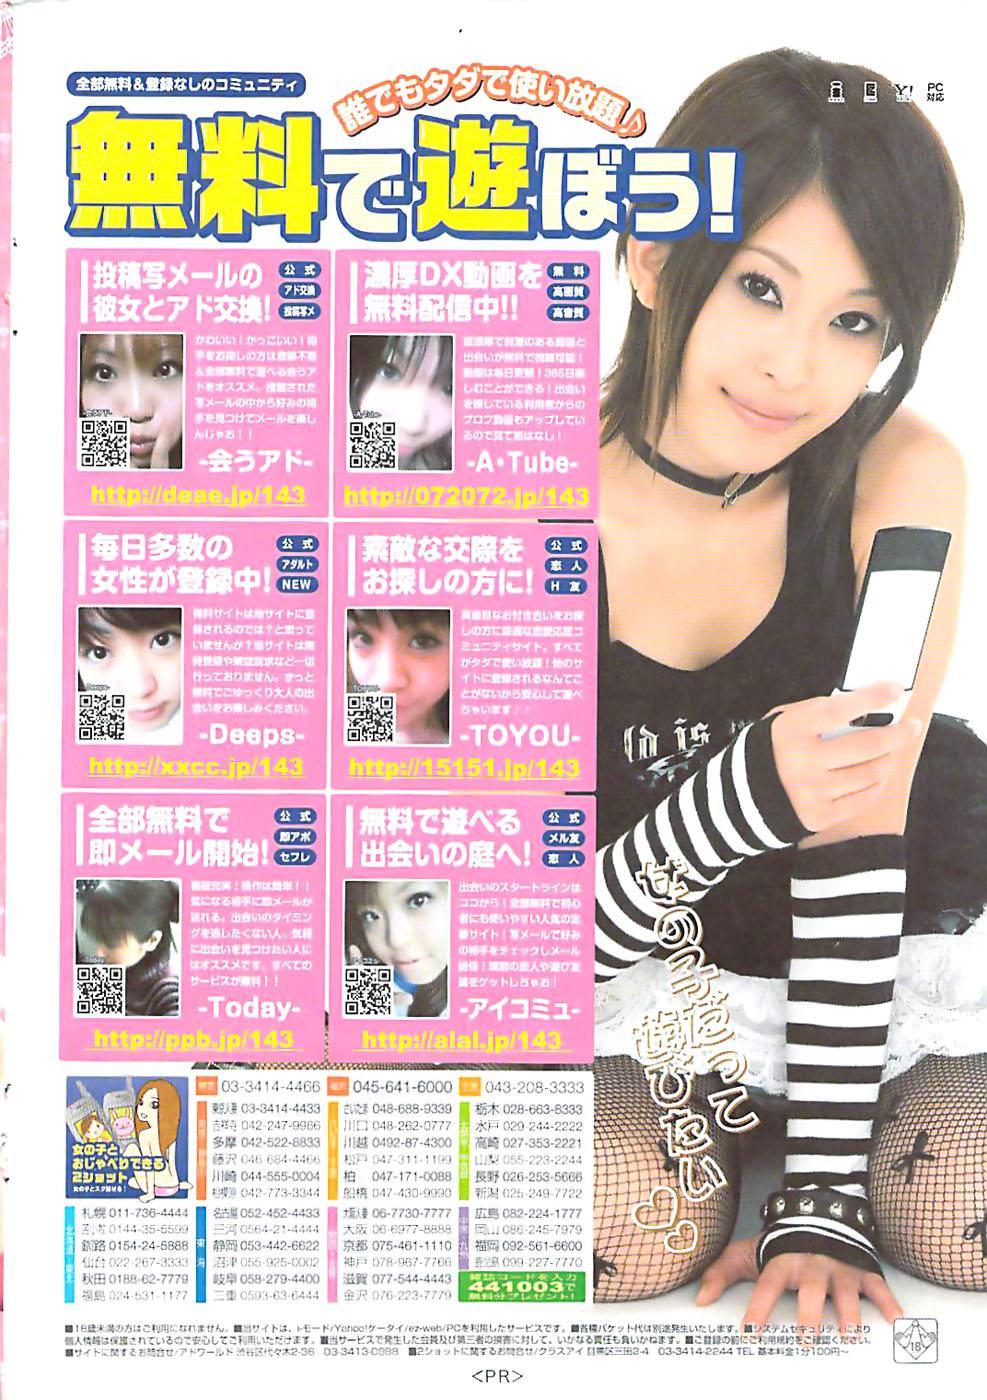 COMIC Shitsurakuten 2009-04 1